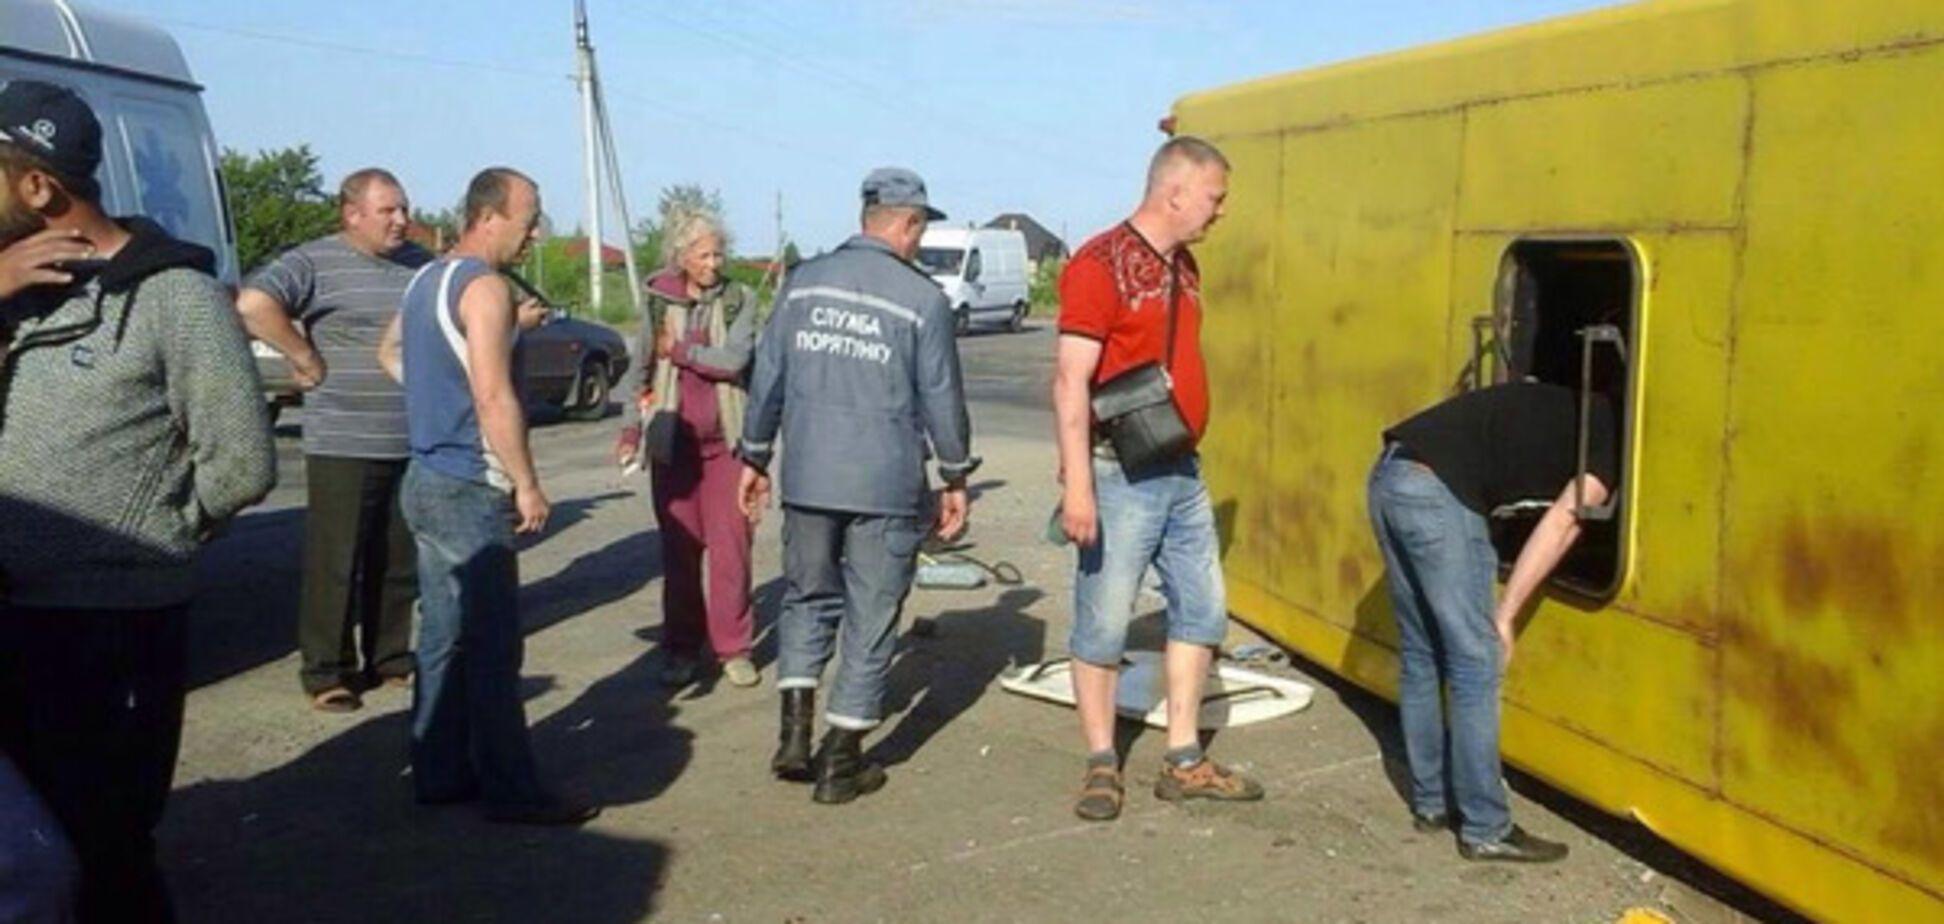 В Запорожской области произошло масштабное ДТП с десятками пострадавших: появились первые кадры